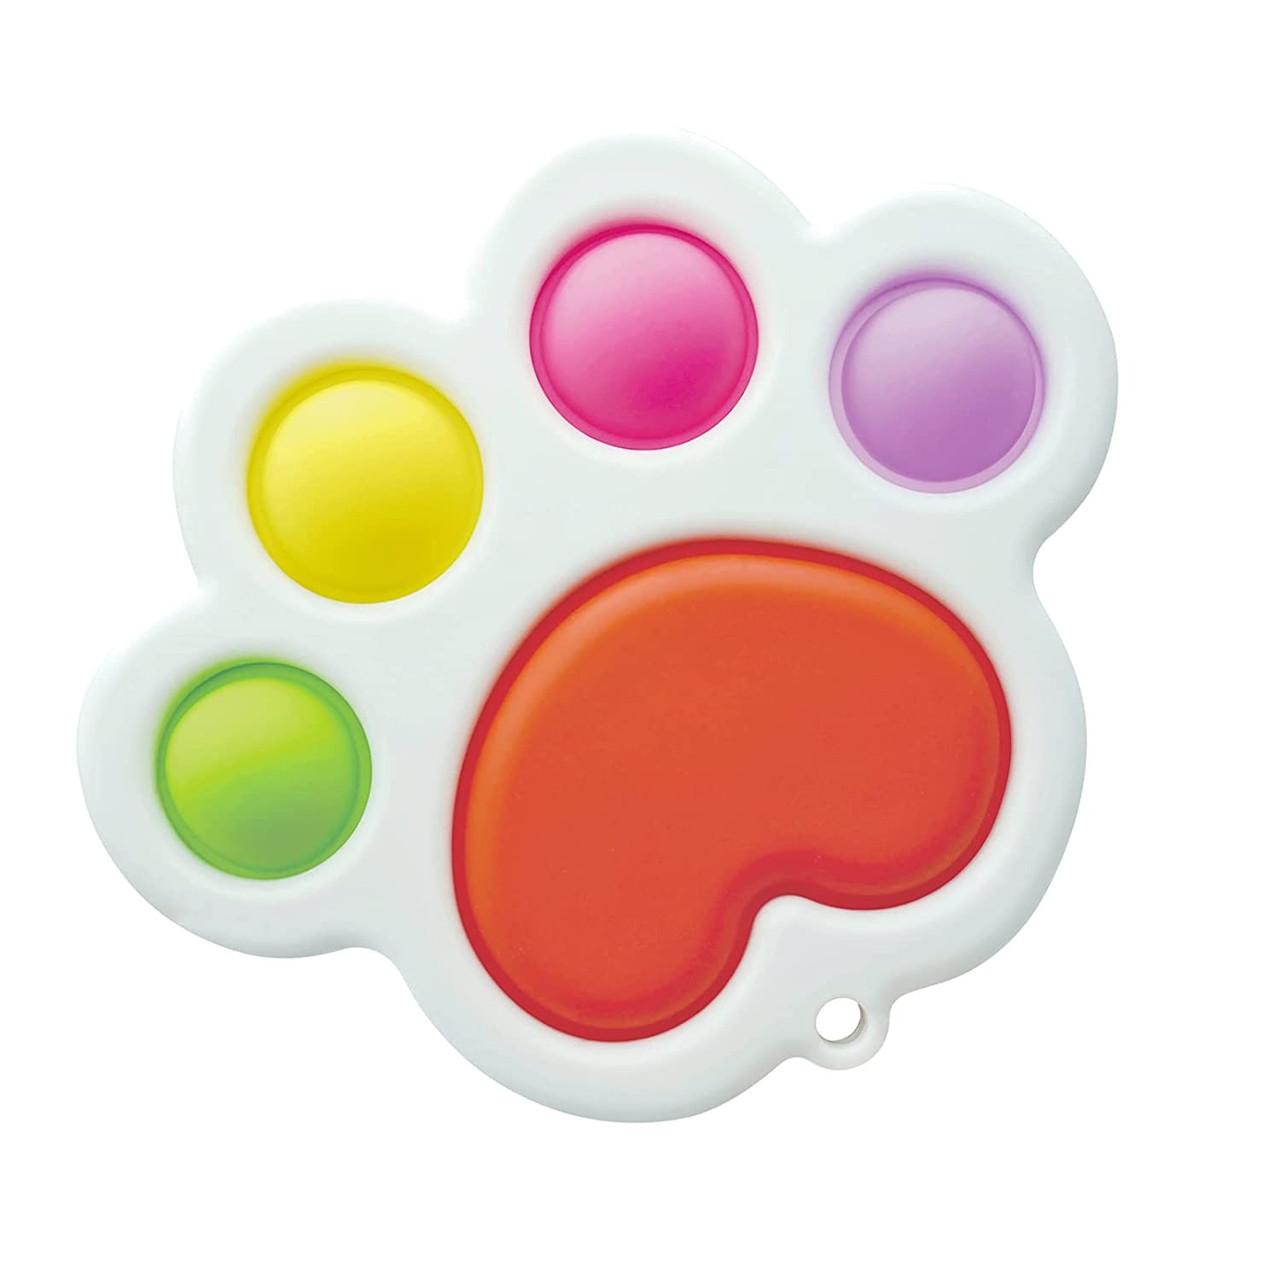 Сенсорна іграшка Simple Dimple поп іт антистрес сімпл дімпл pop it лапка